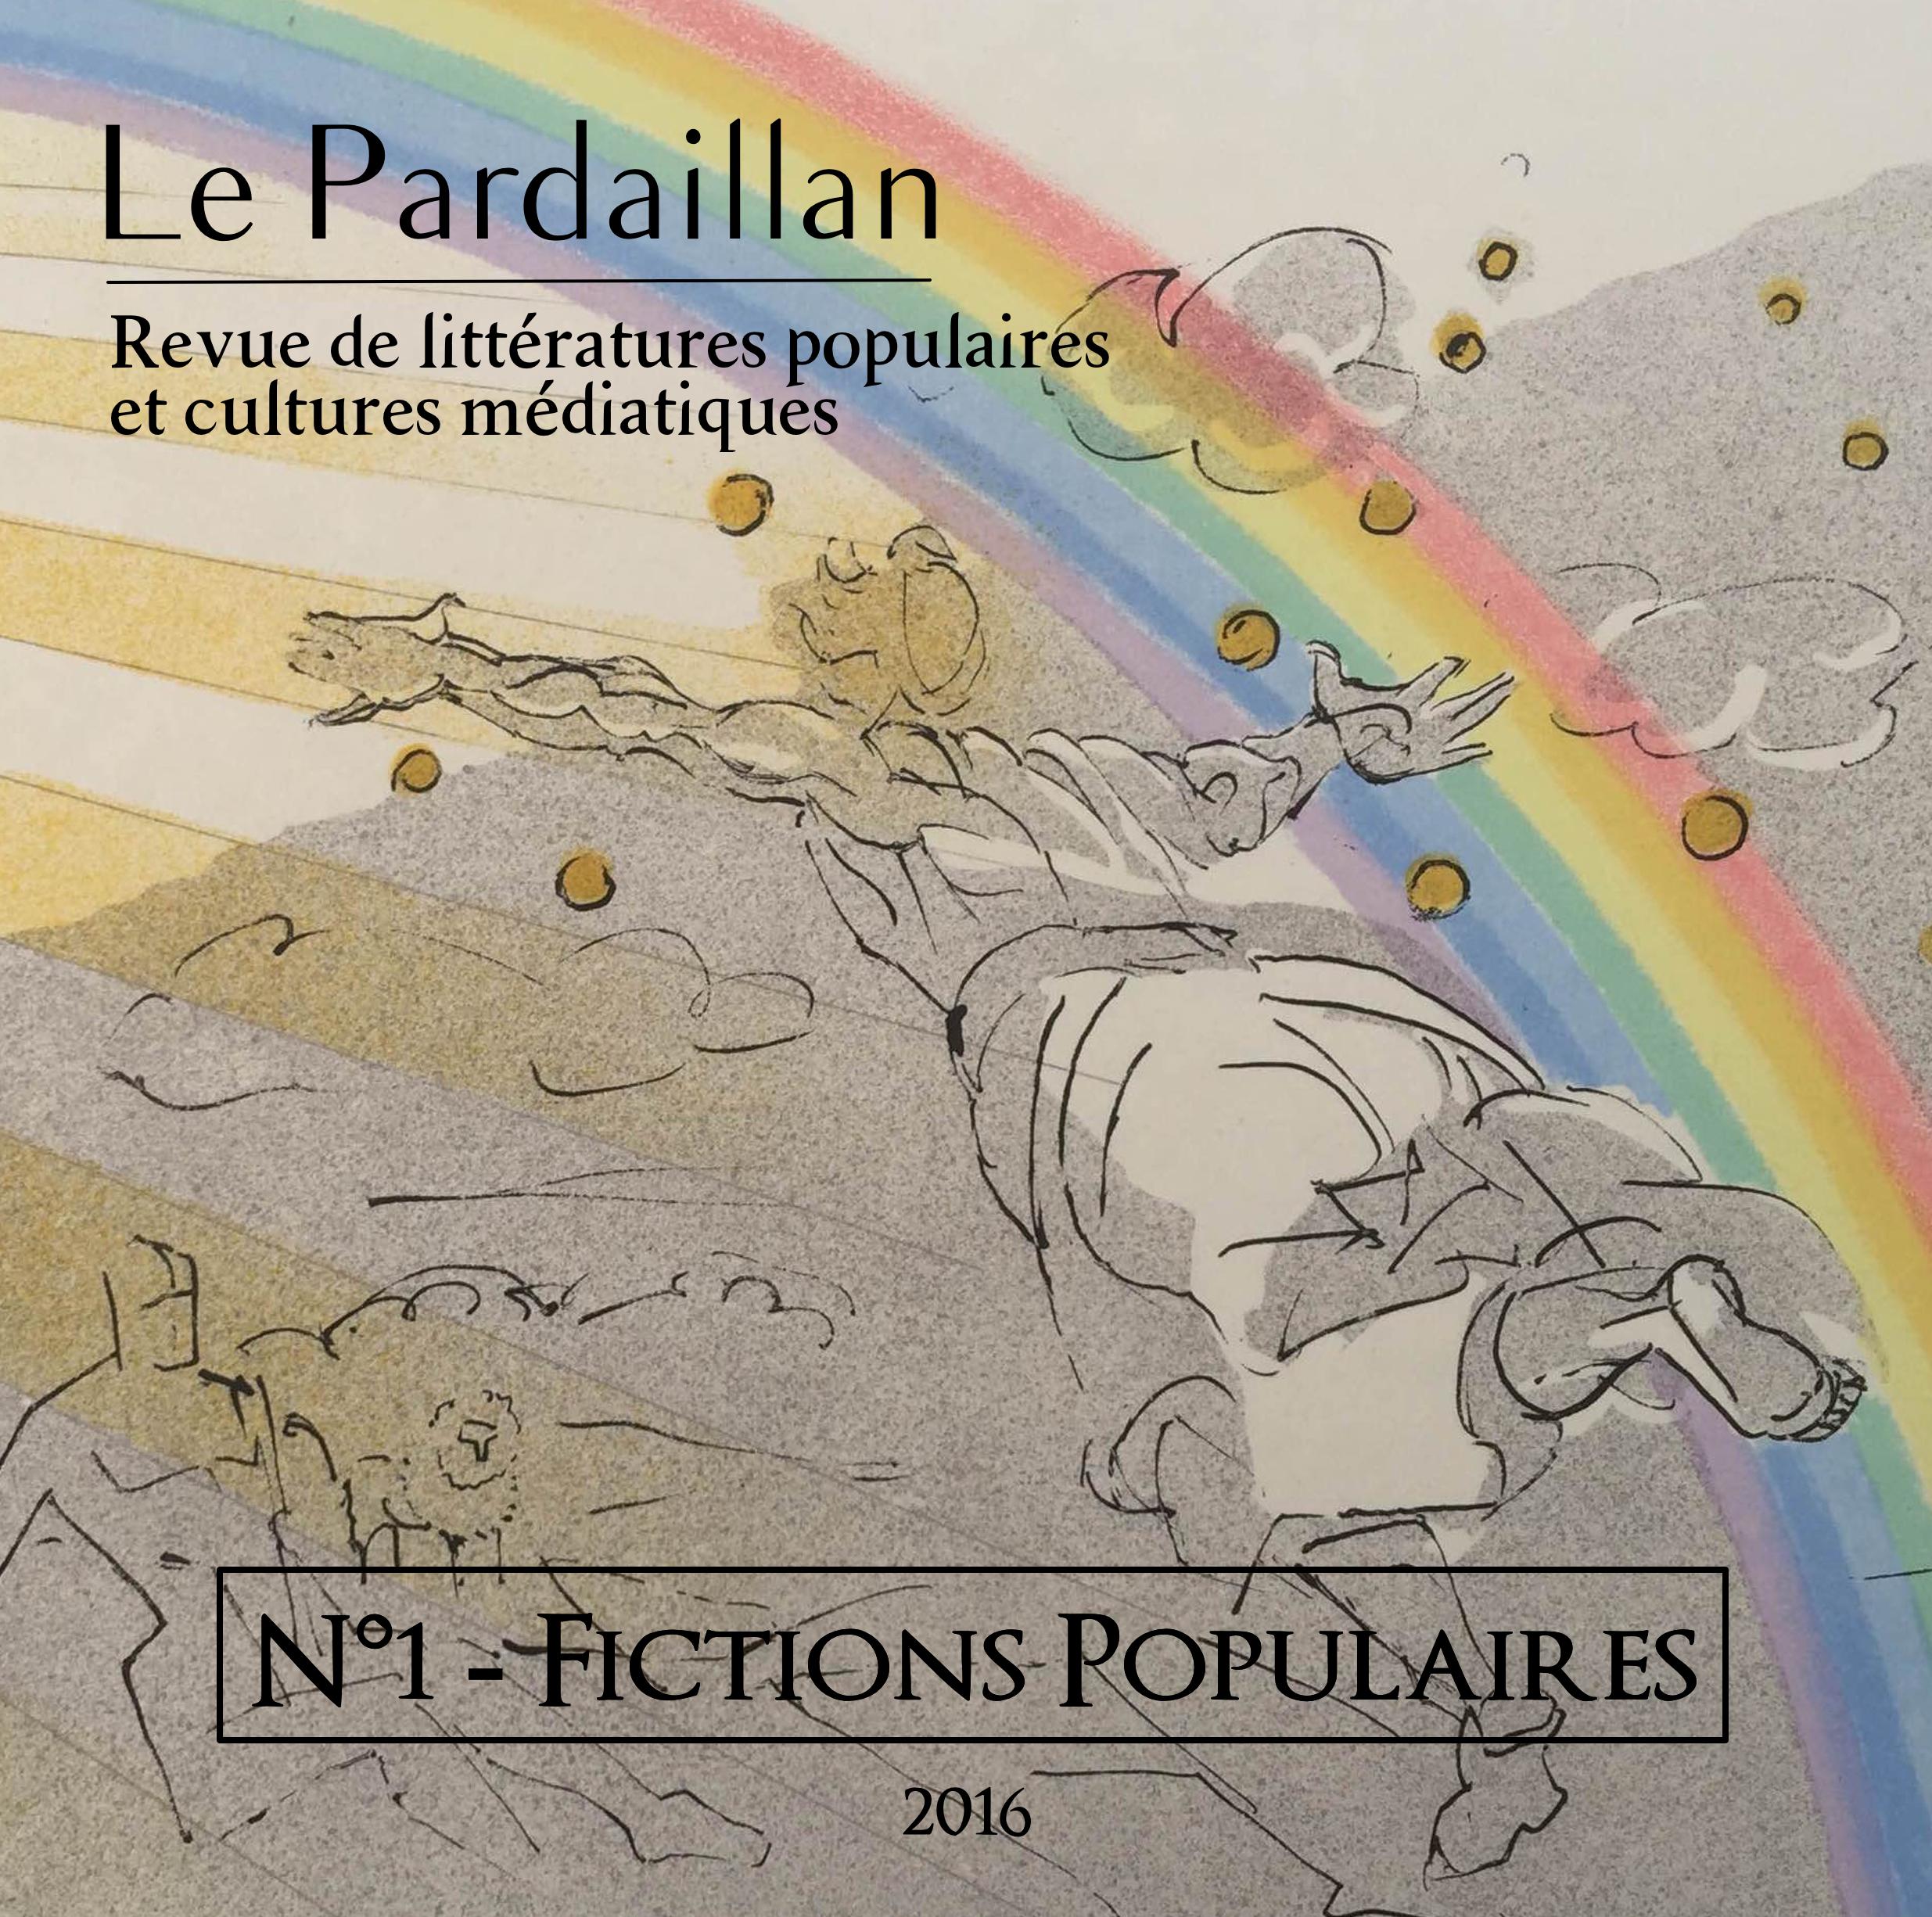 Le Pardaillan N°1 - Fictions Populaires Image